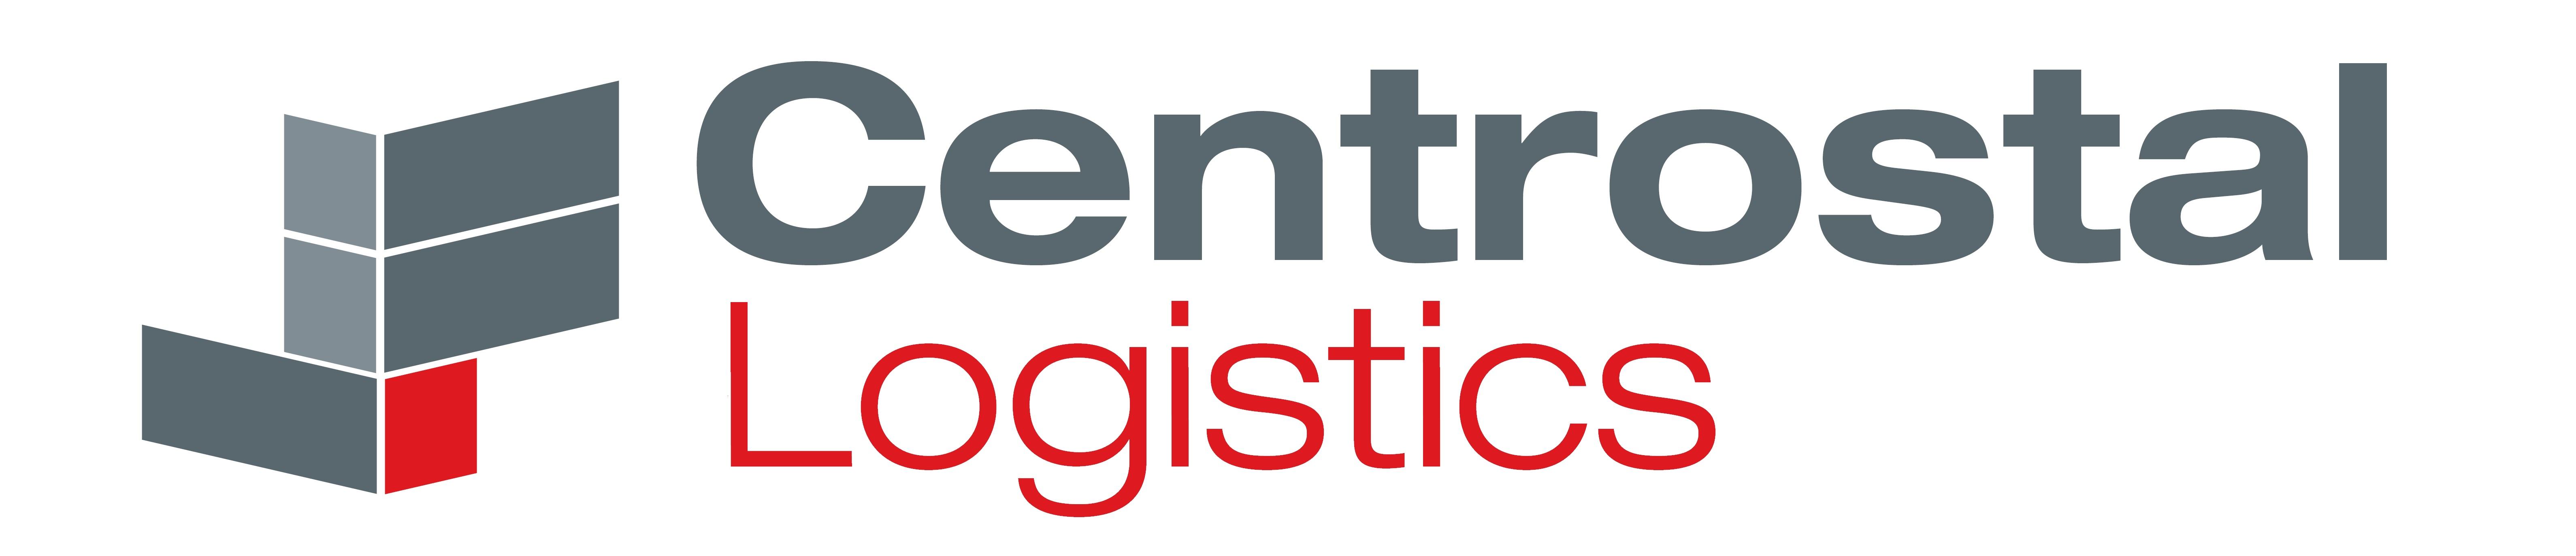 iHub/Centrostal Logistics Sp. z o.o. | Transport, spedycja i usługi logistyczne